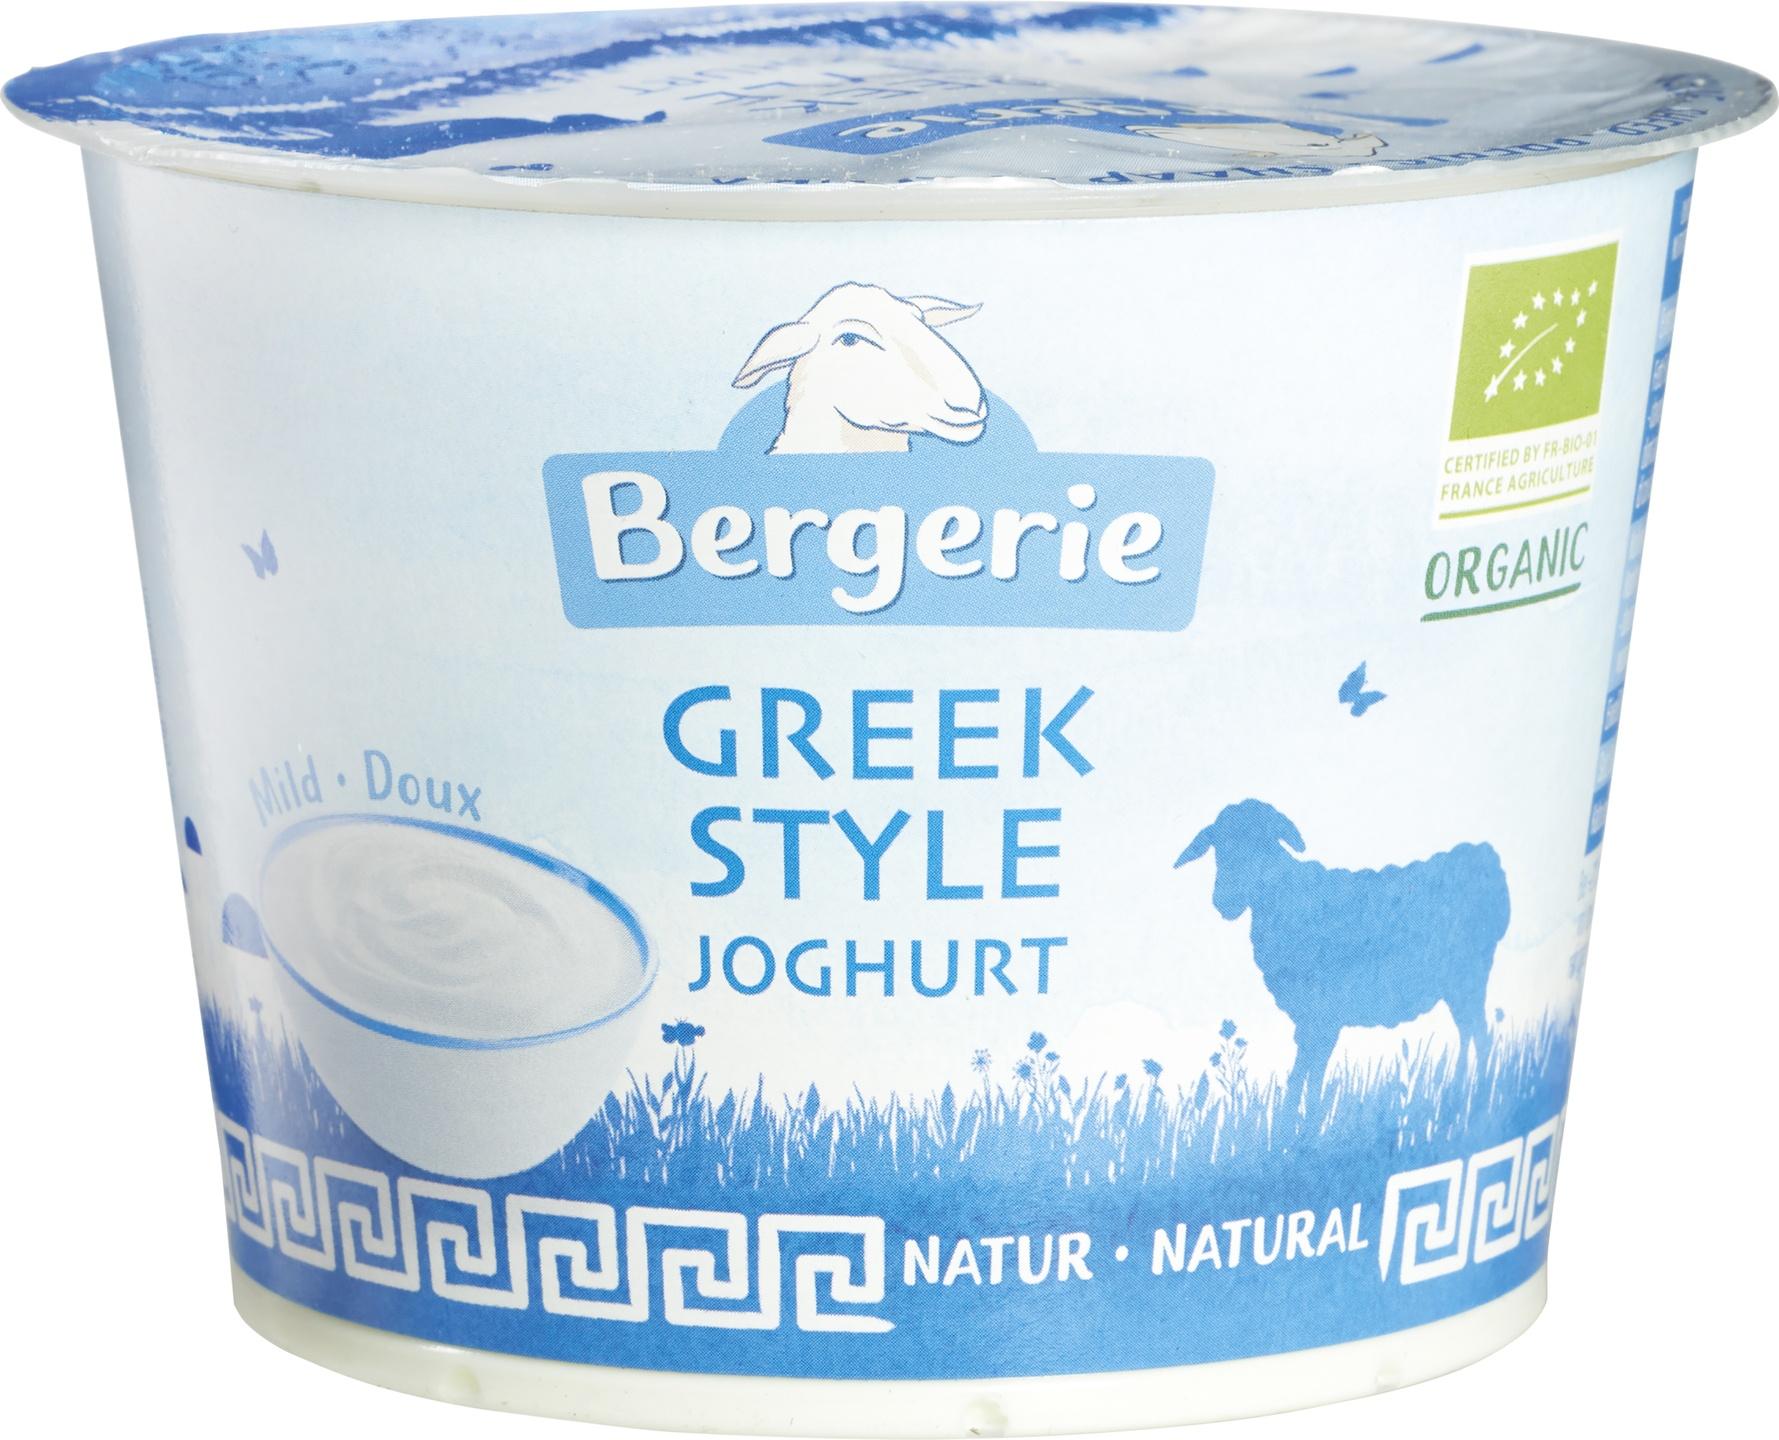 Biologische Bergerie Greek style schapenyoghurt 250 gr